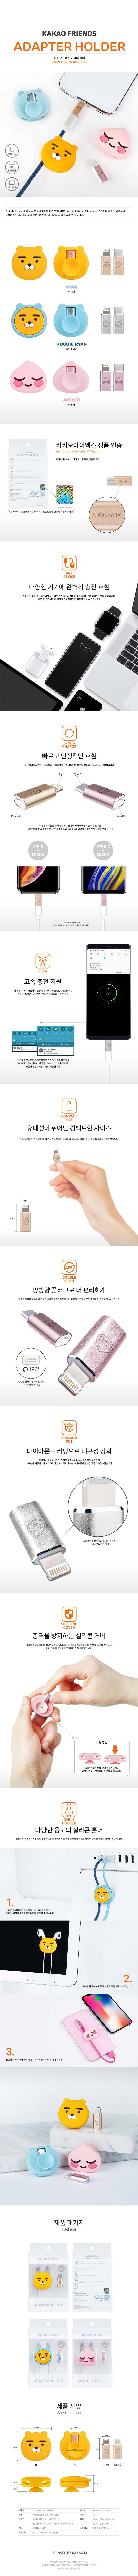 카카오프렌즈 실리콘 어댑터 홀더 (8핀+C타입 젠더포함) - 쓰리엑스, 8,900원, 충전기, 젠더